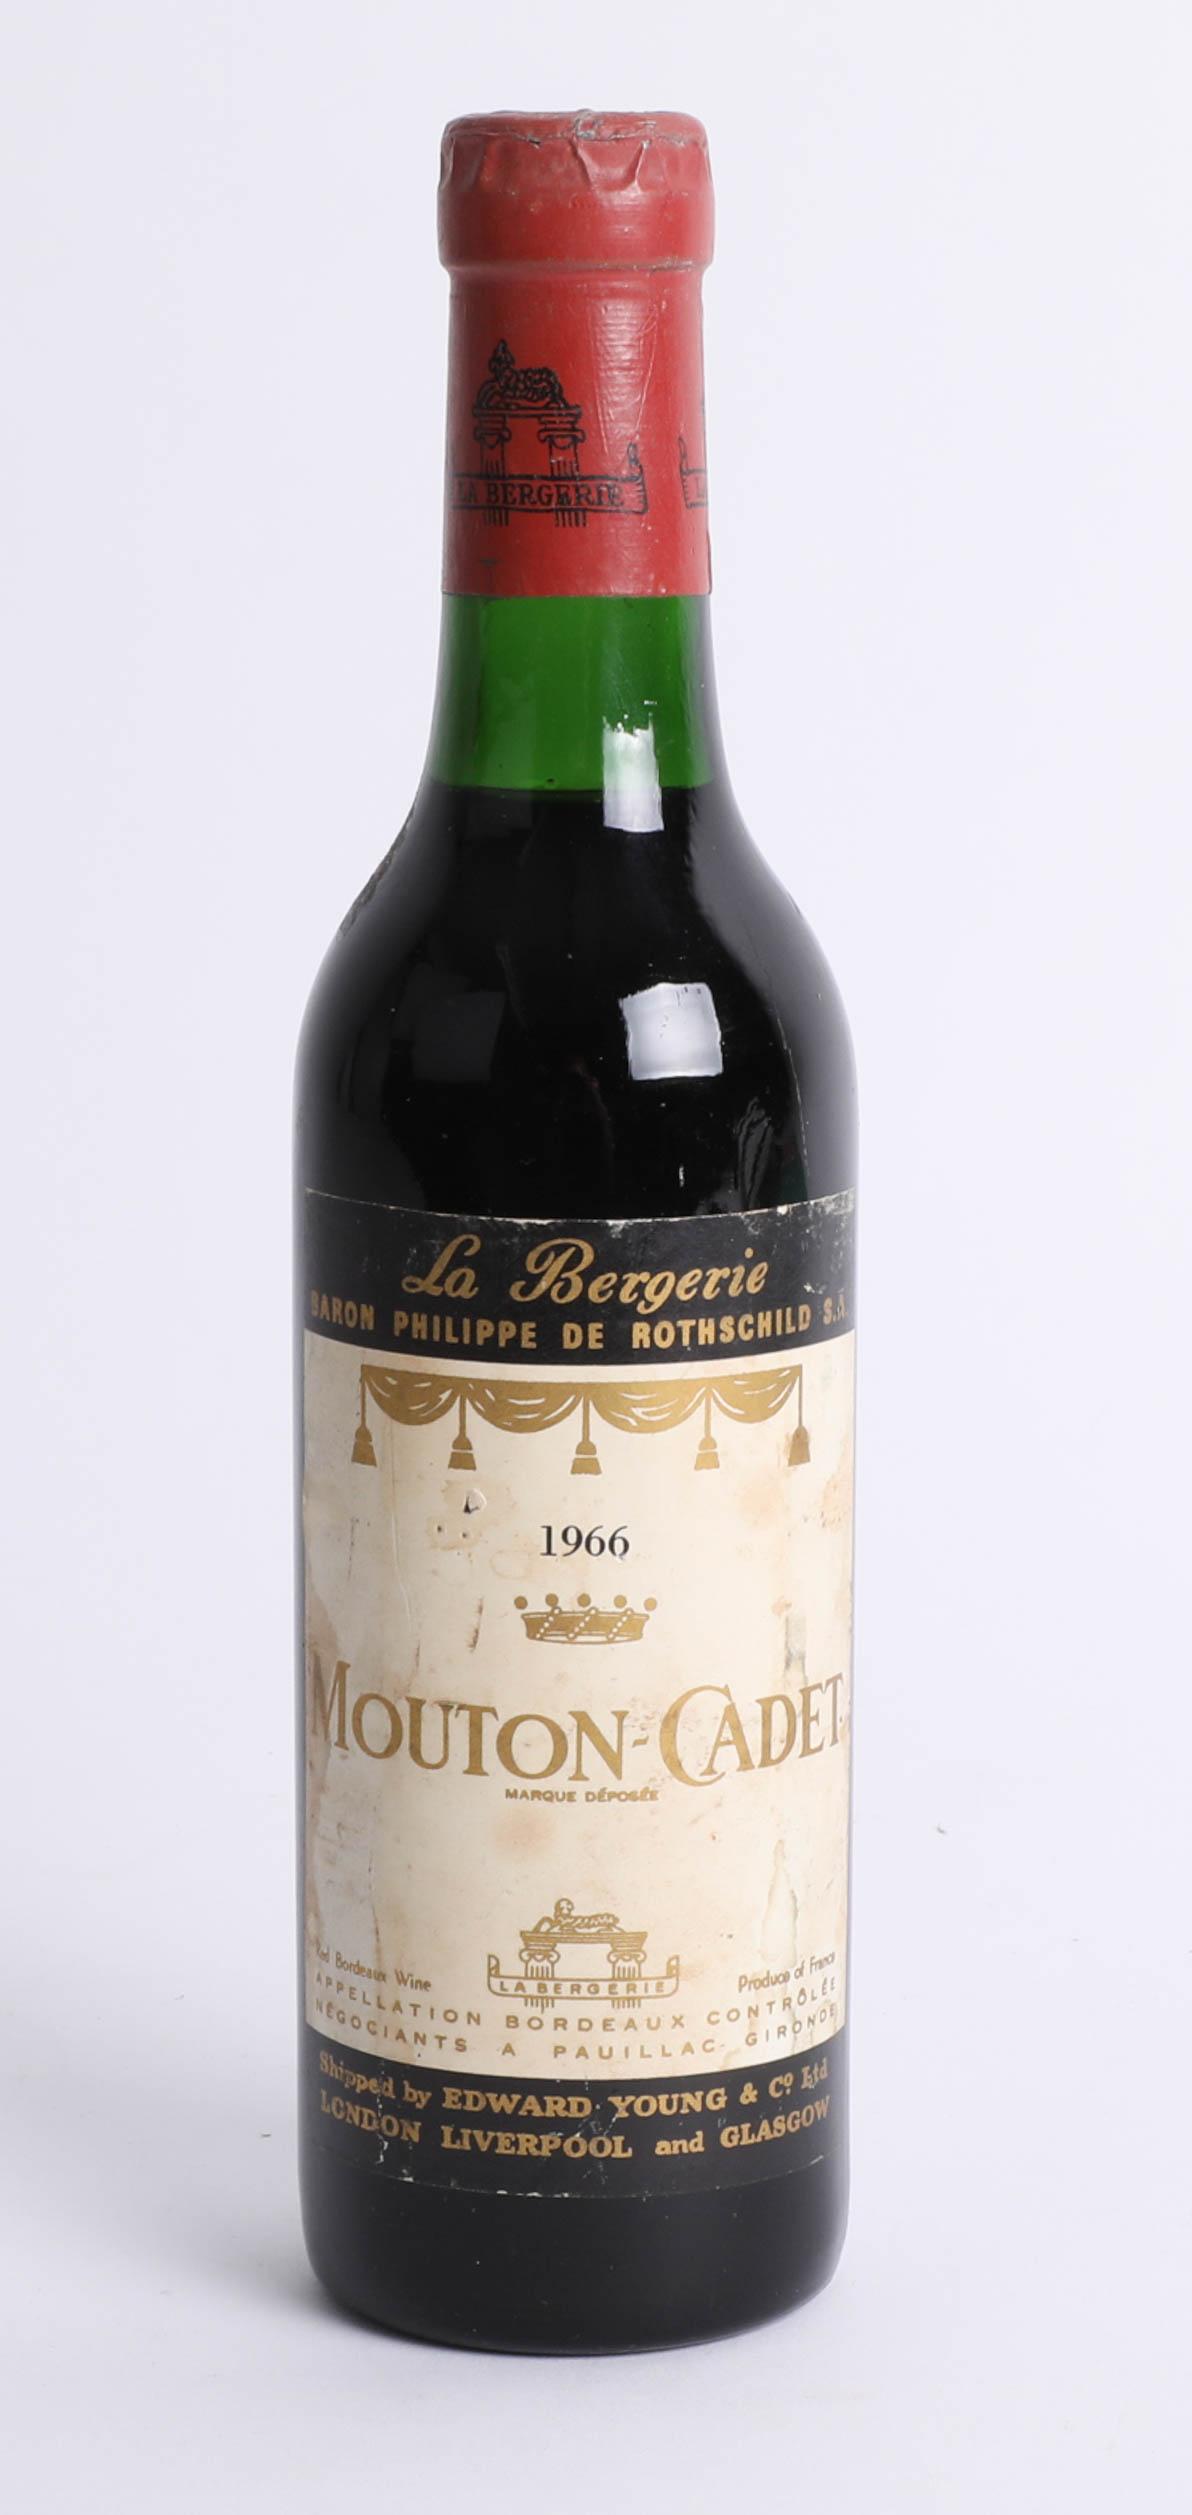 A half bottle of 1966 Mouton-Cadet red wine.